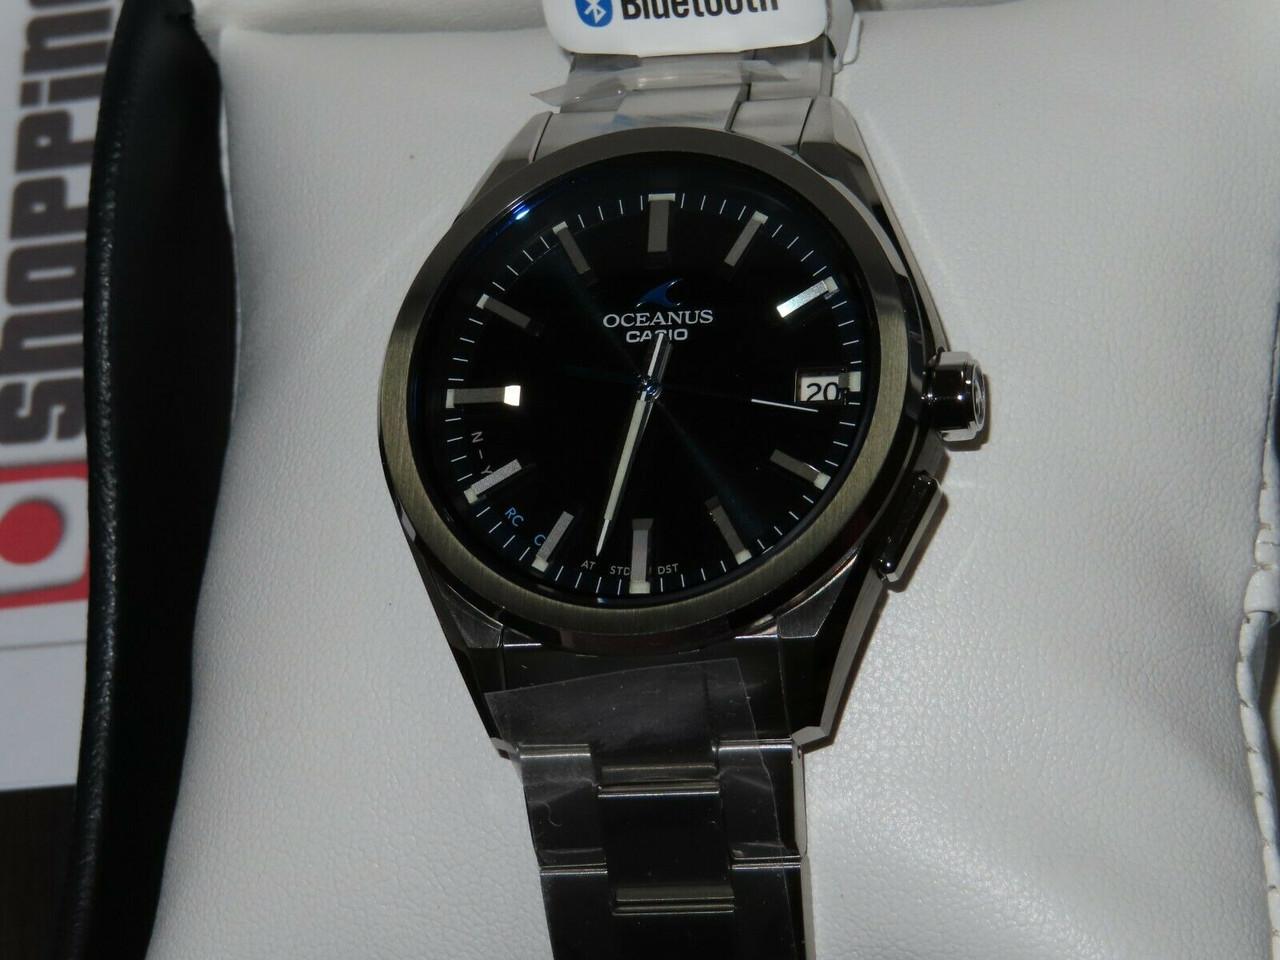 Casio Oceanus OCW-T200S-1AJF Bluetooth